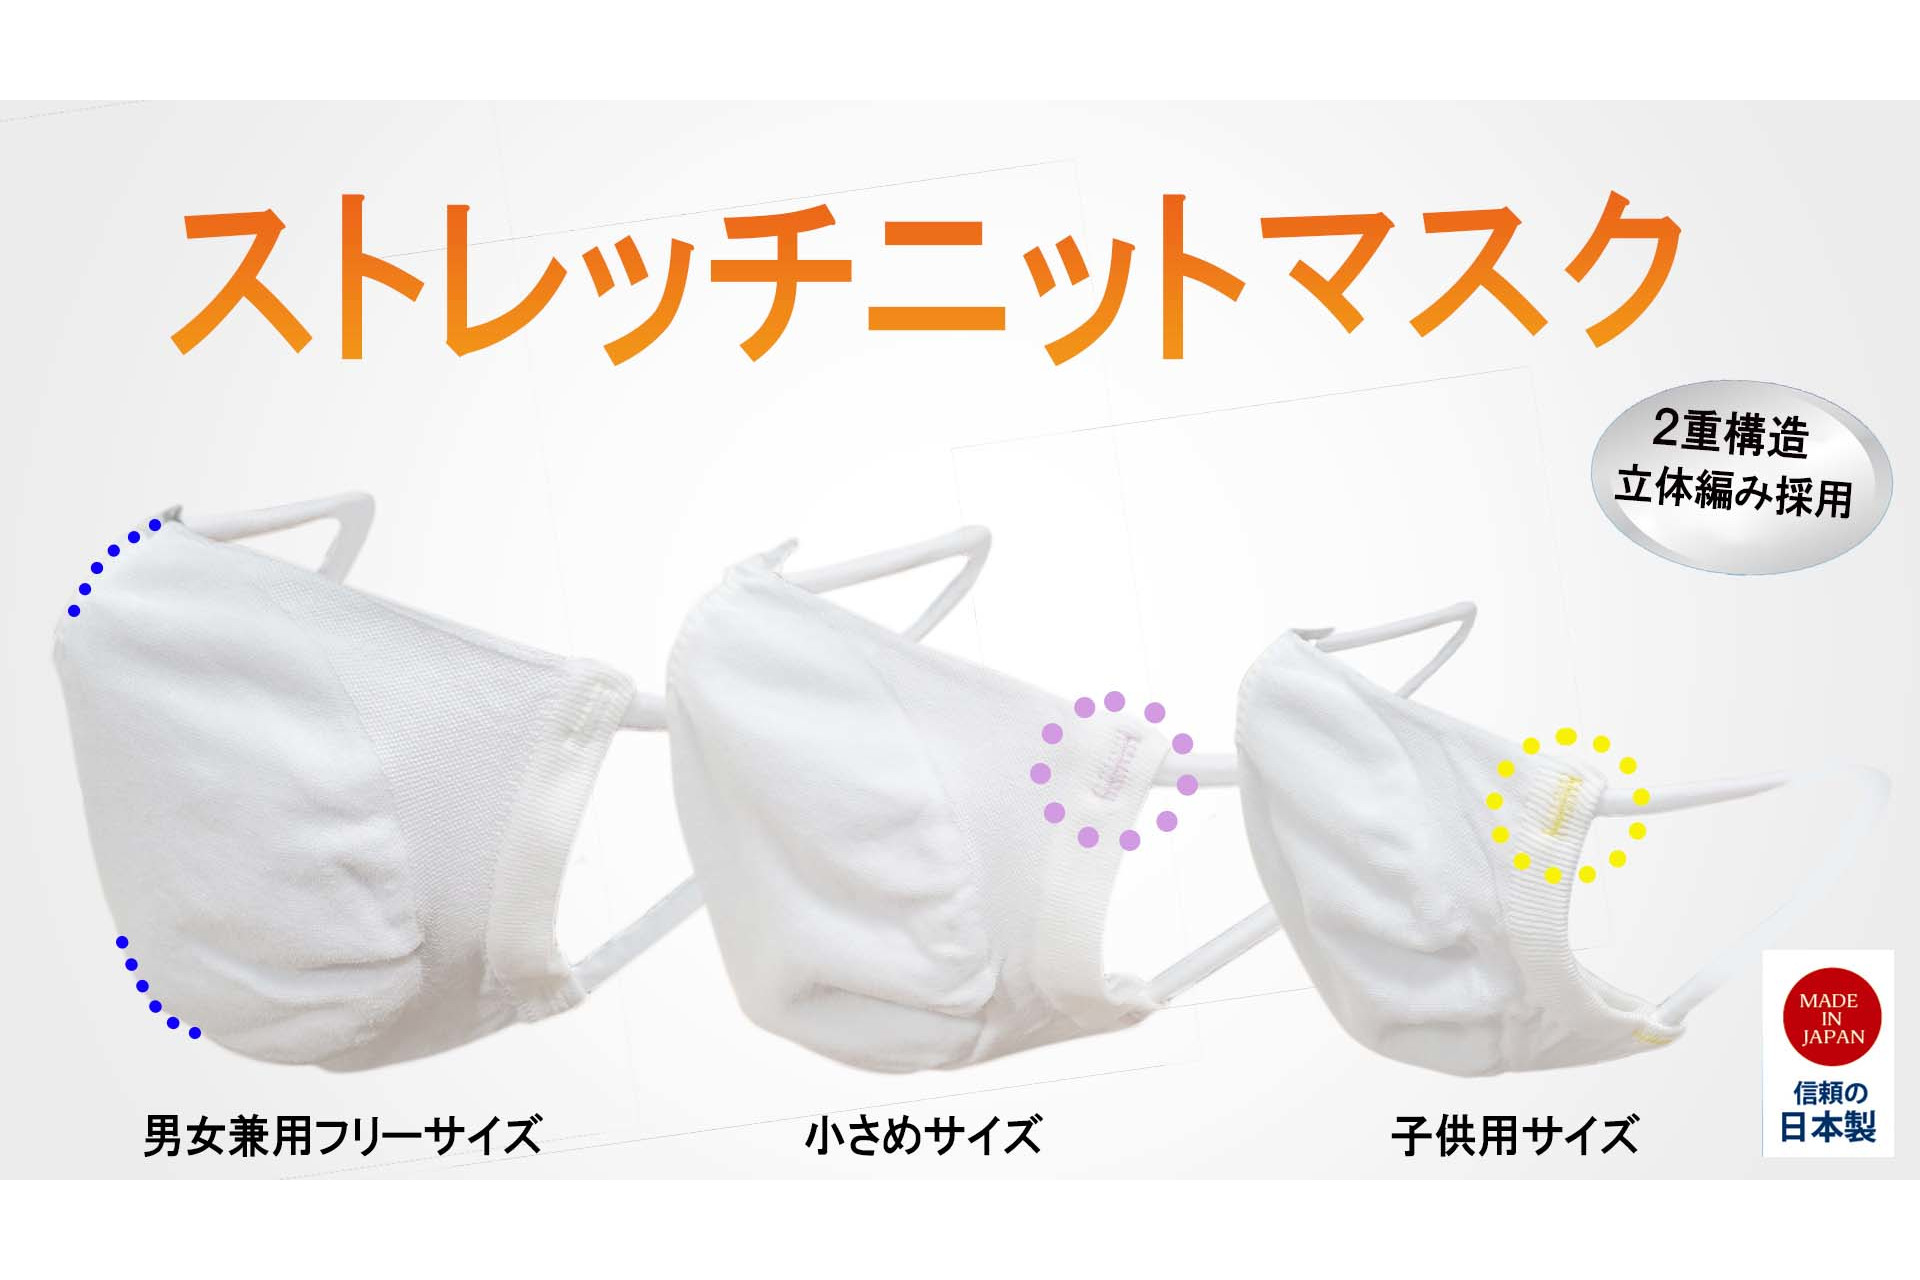 マスク 日本 小さめ 製